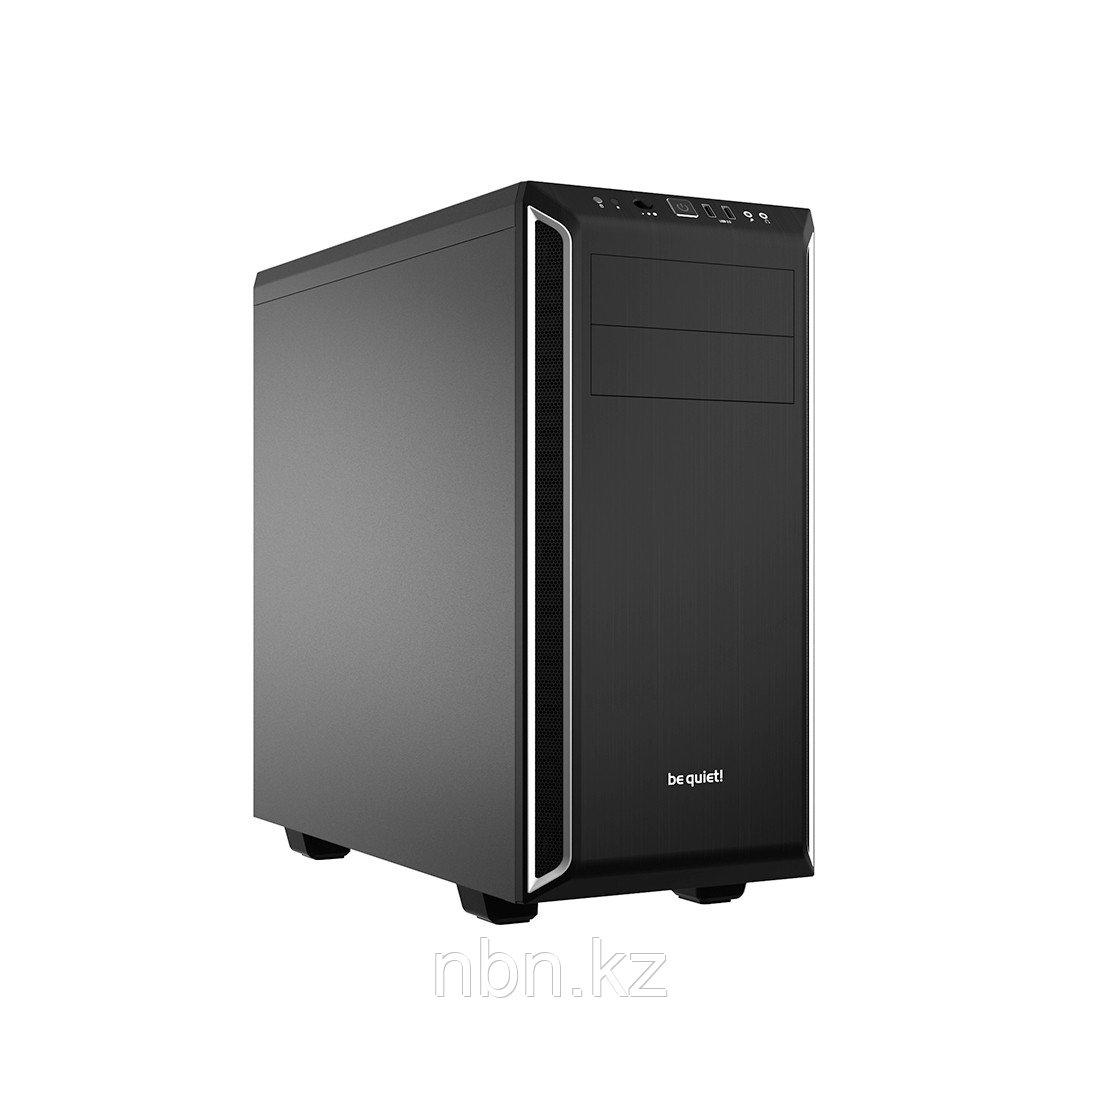 Компьютерный корпус Bequiet! Pure Base 600 Silver